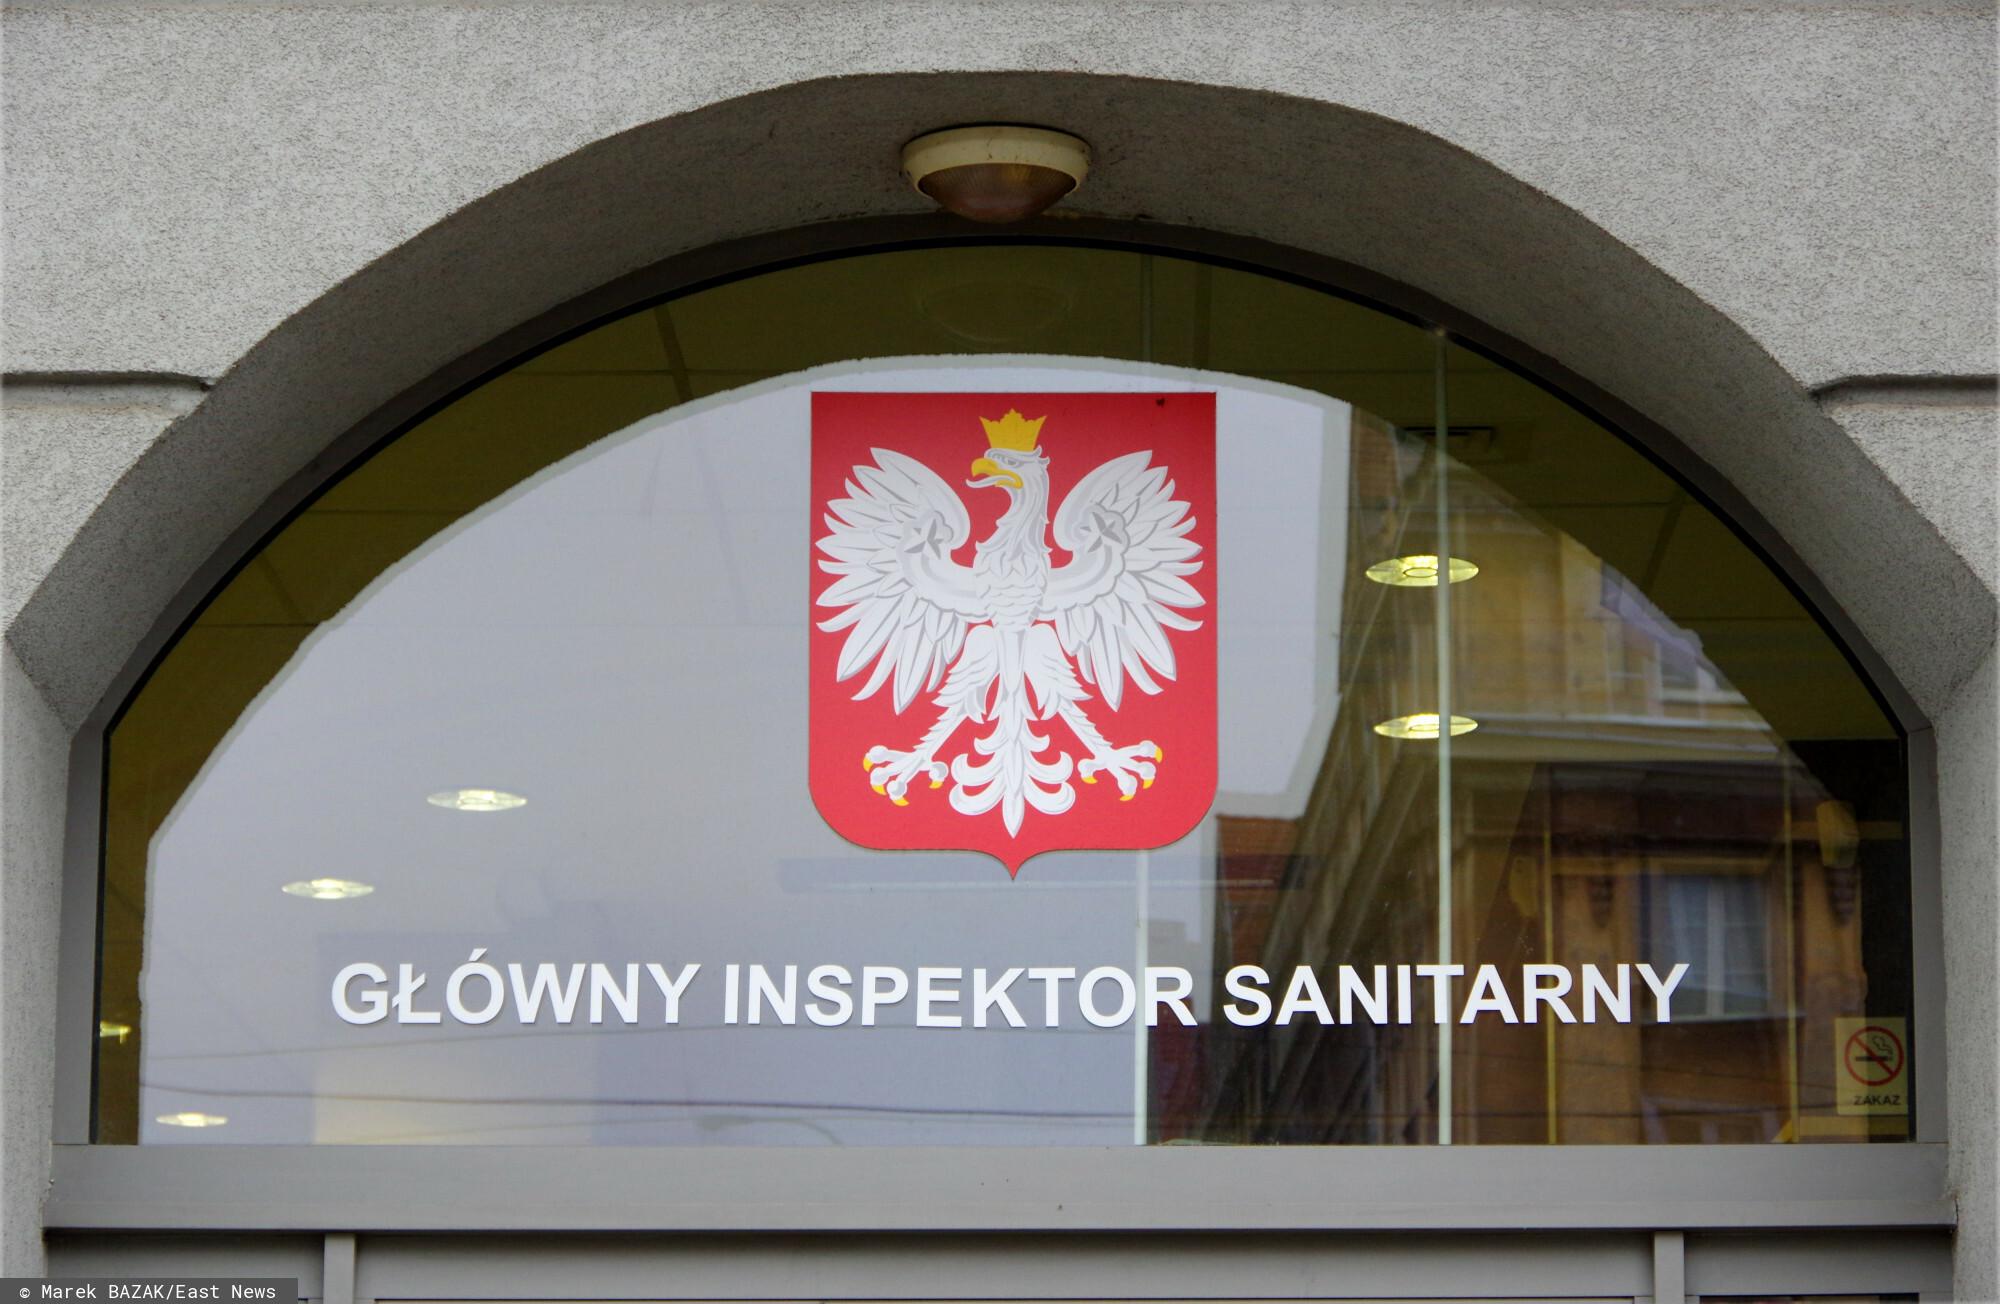 PHOTO: ZOFIA I MAREK BAZAK / EAST NEWS Warszawa ulica Targowa N/Z Glowny Inspektorat Sanitarny